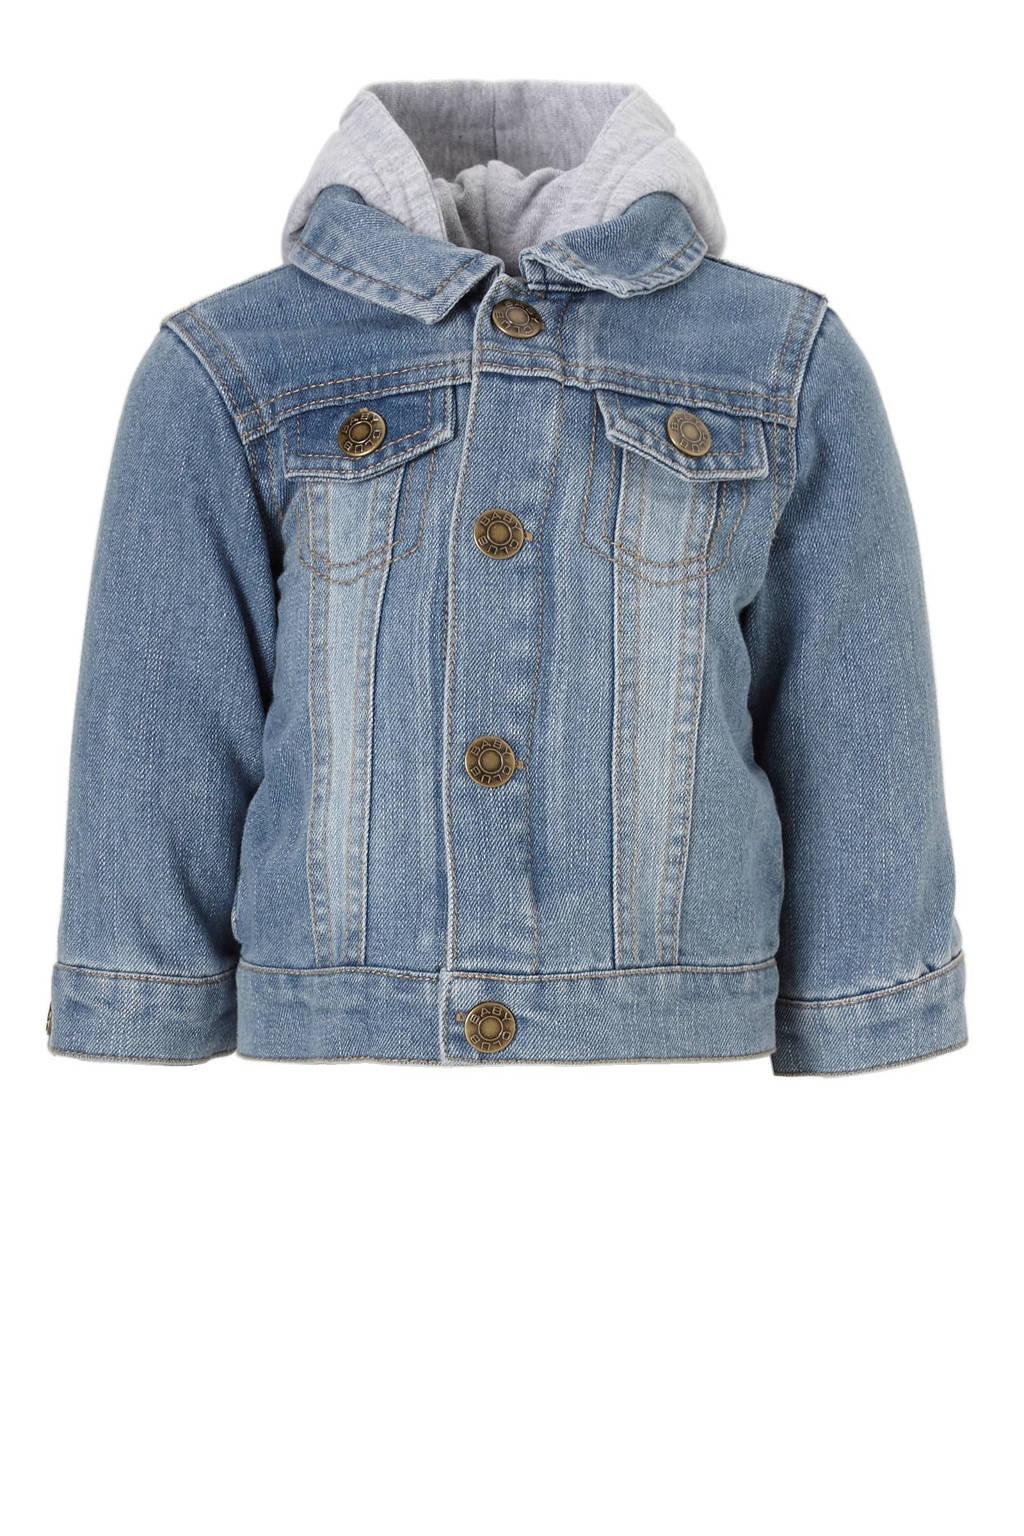 C&A Baby Club 2-in-1 spijkerjas, Blauw/grijs